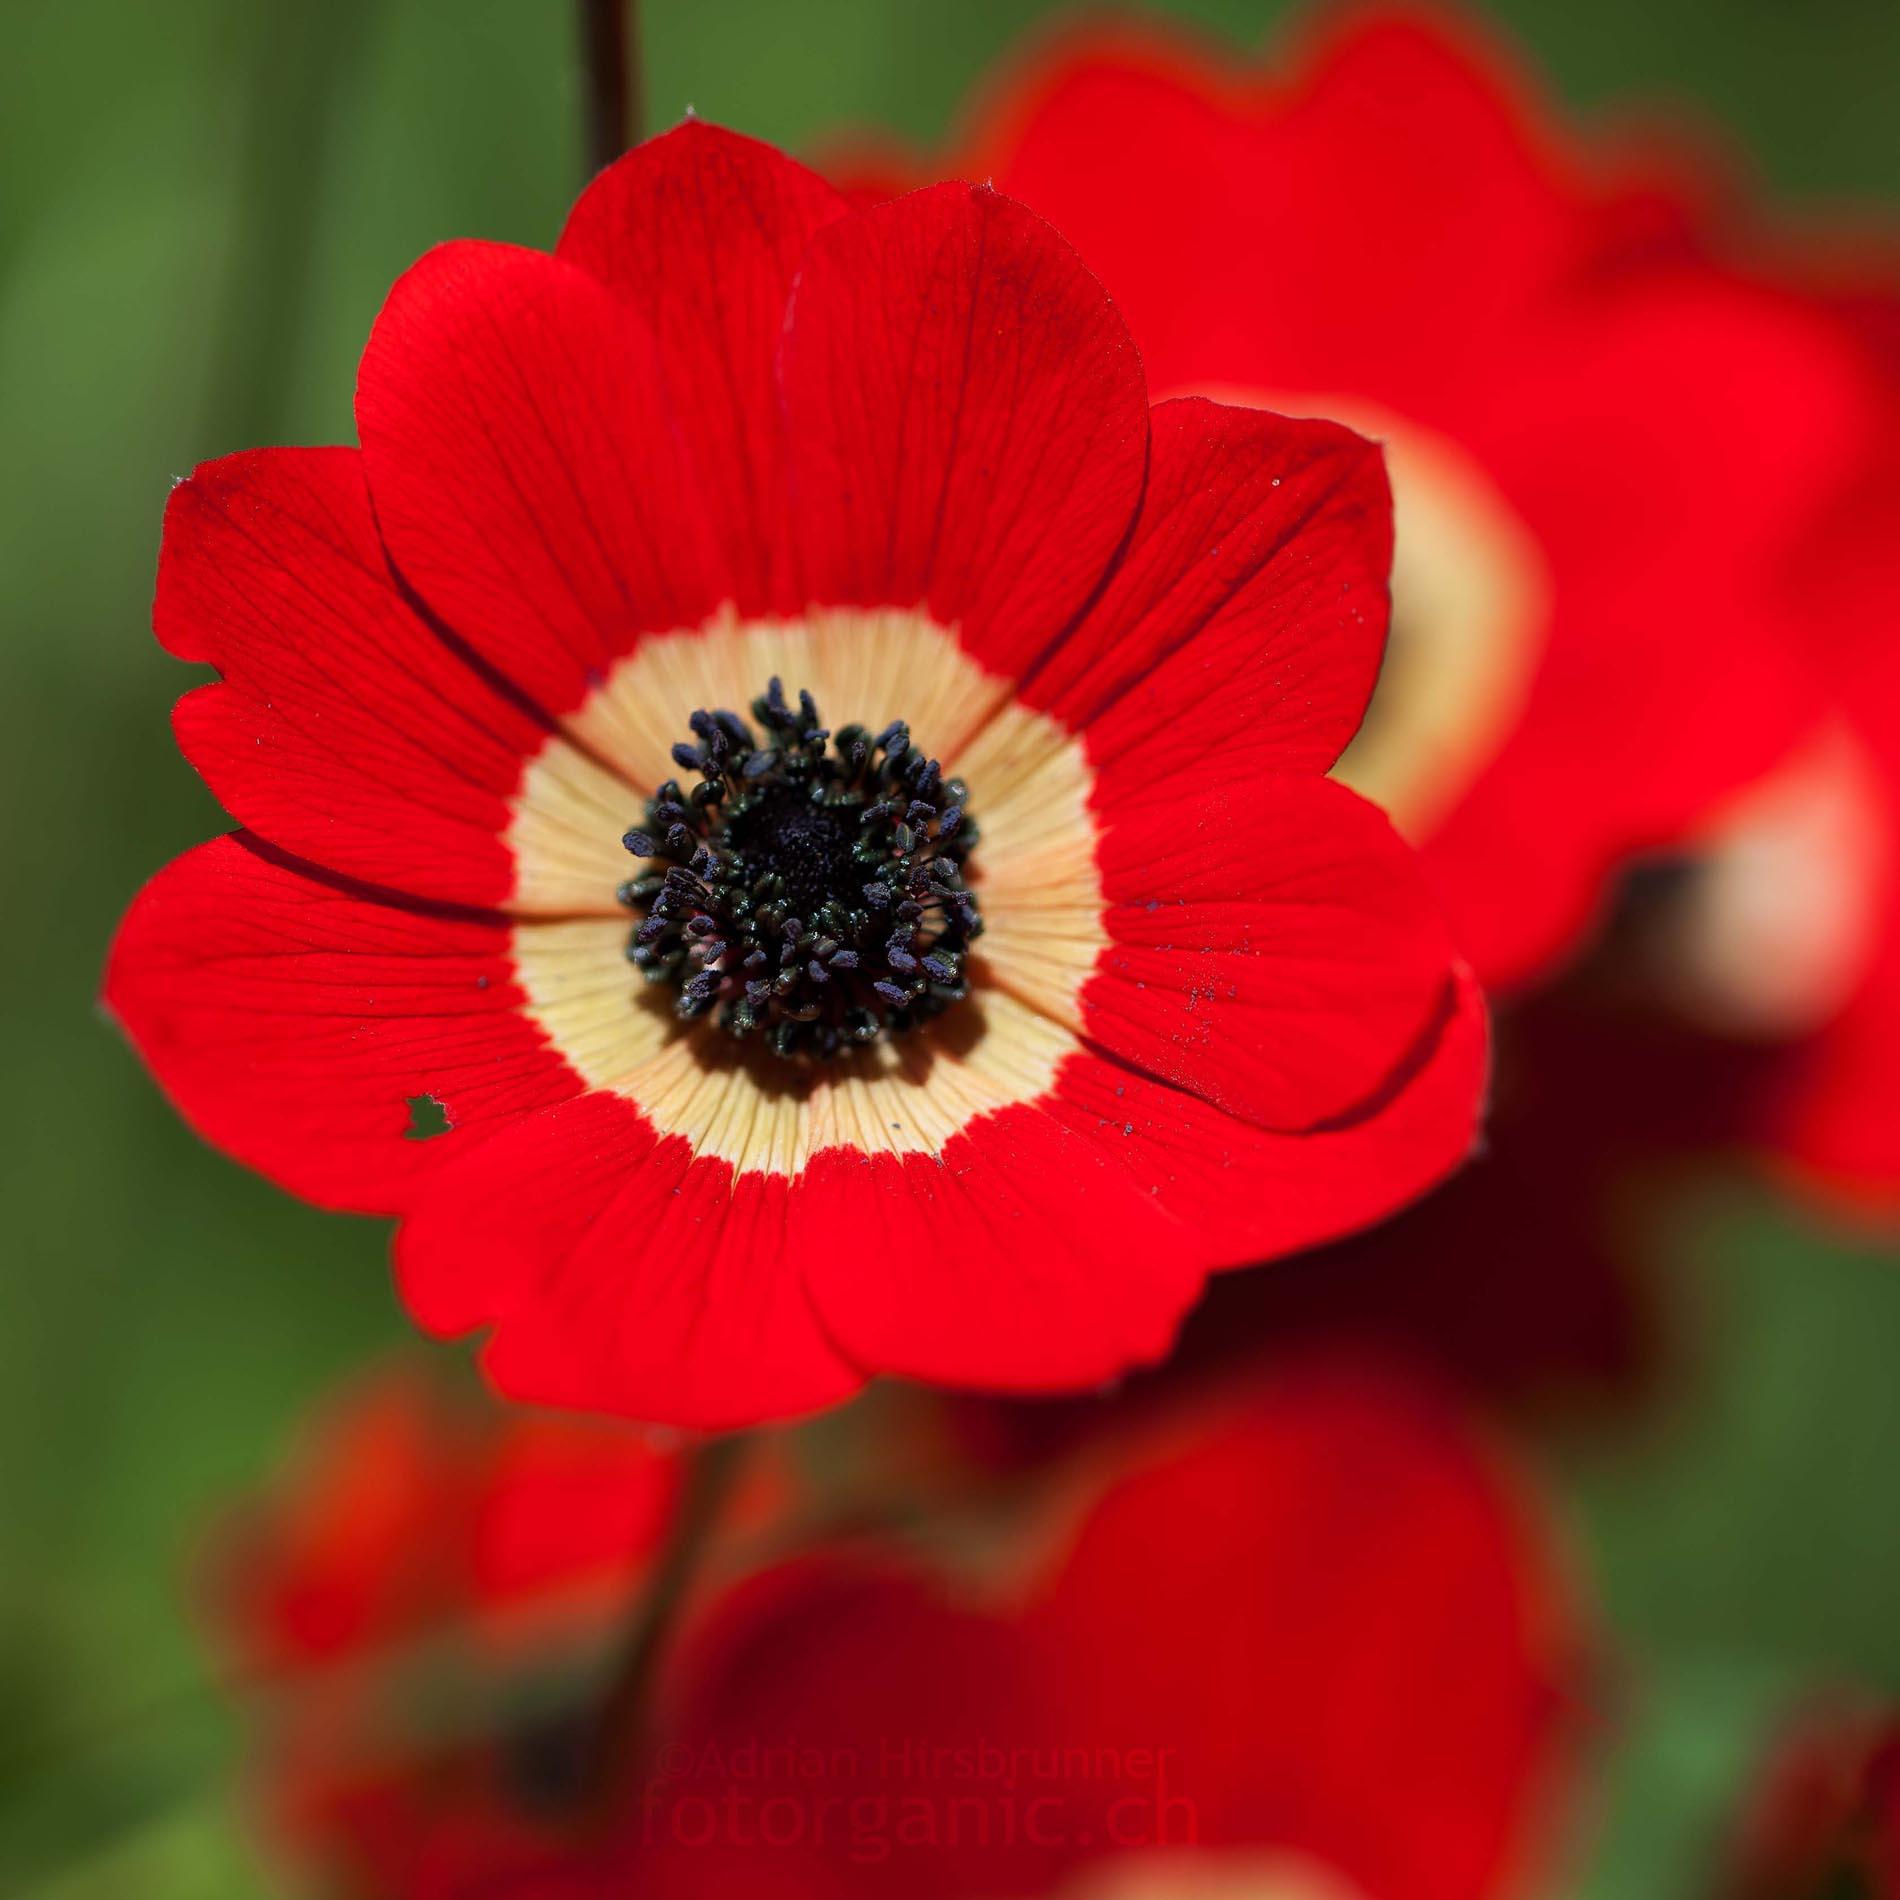 Wandtattoo Rote Blumen : Top Pin Wandtattoo Efeu Tattoo Tattoos in Lists for Pinterest